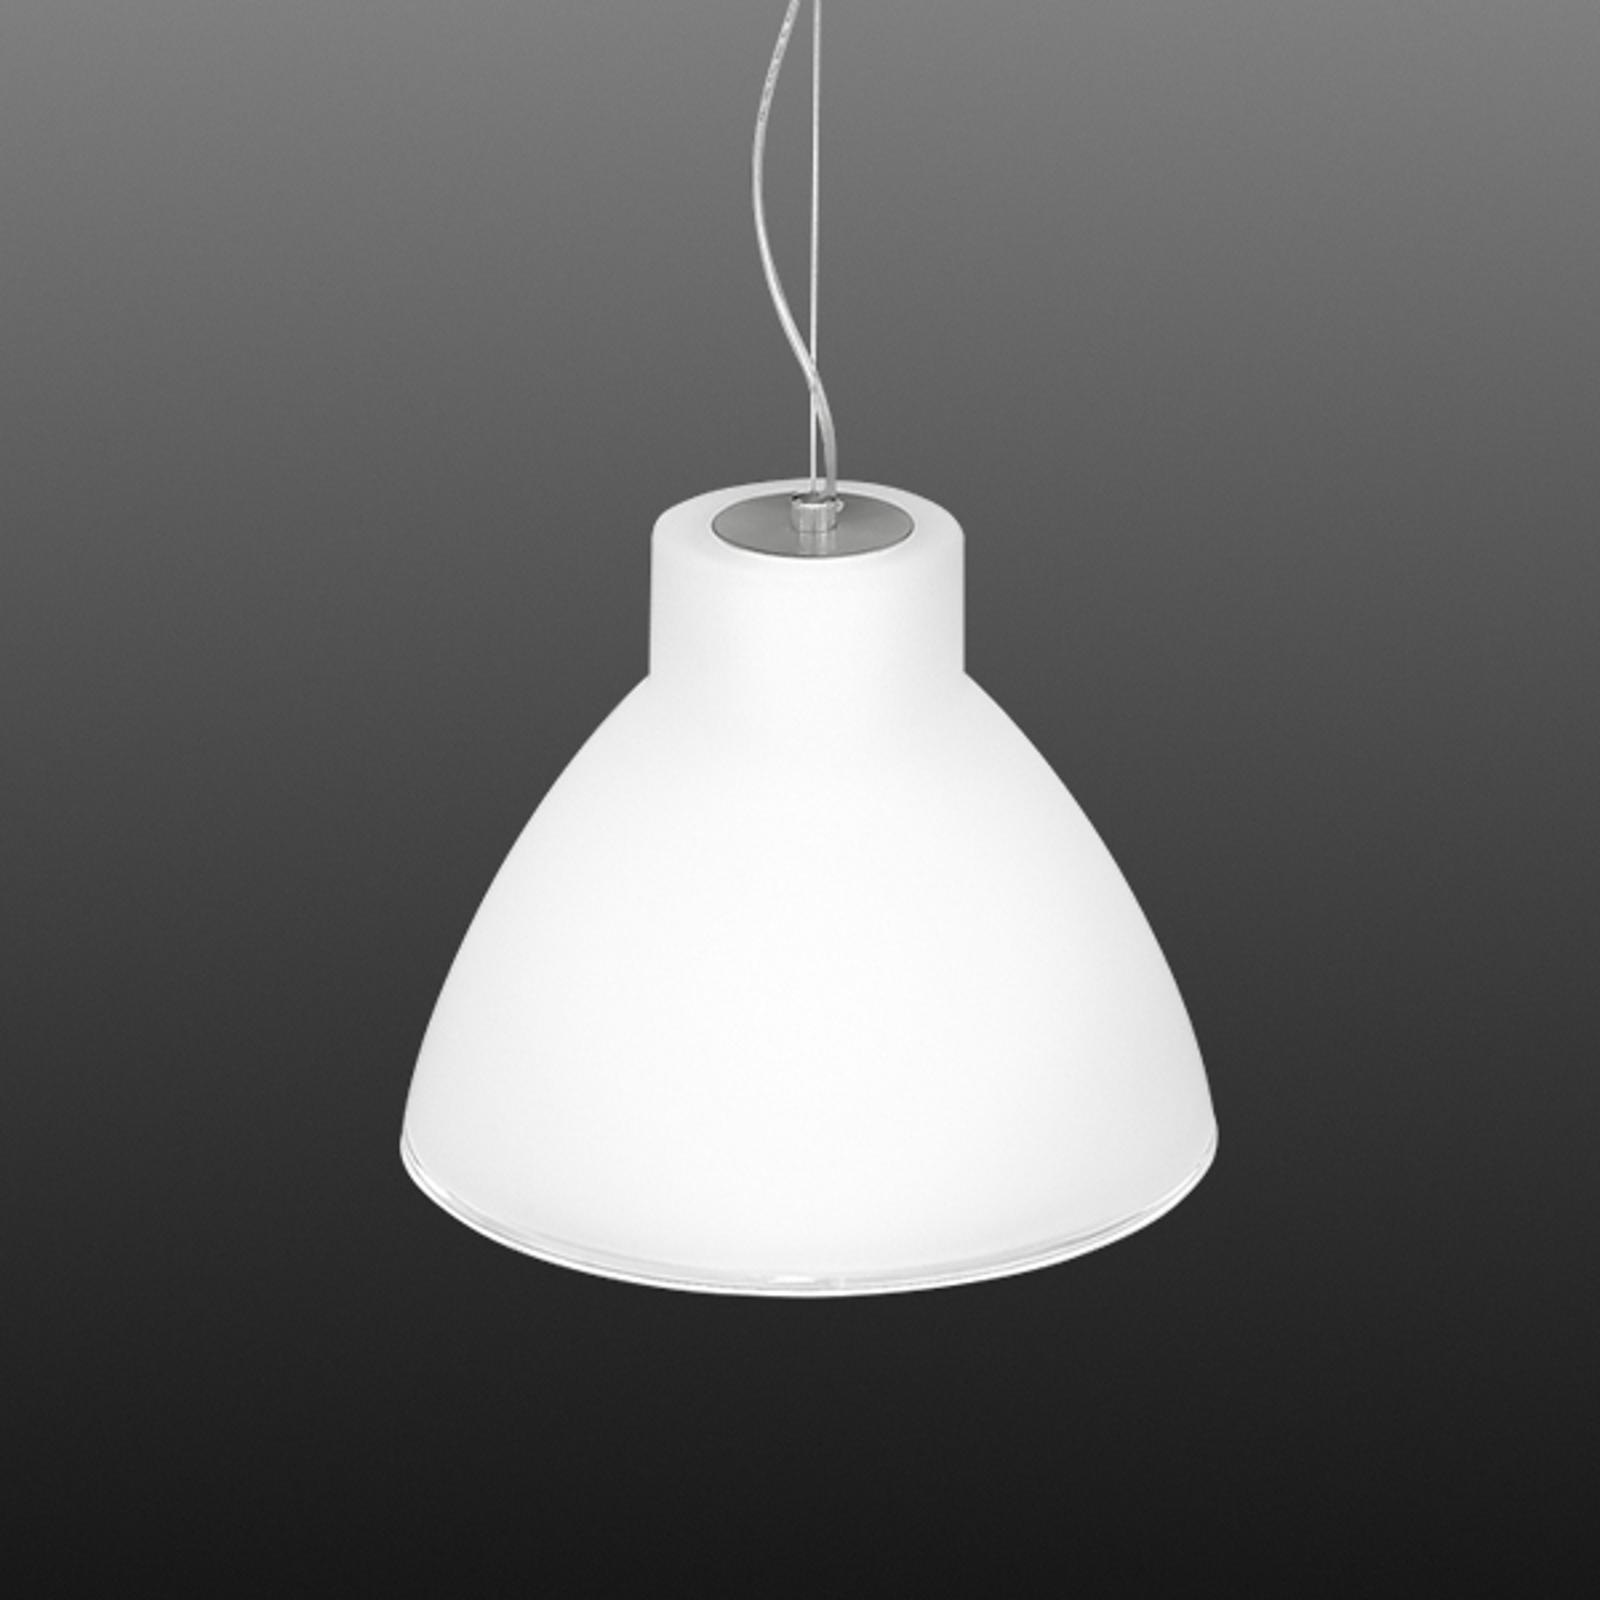 Lampa wisząca CAMPANA ze szkła